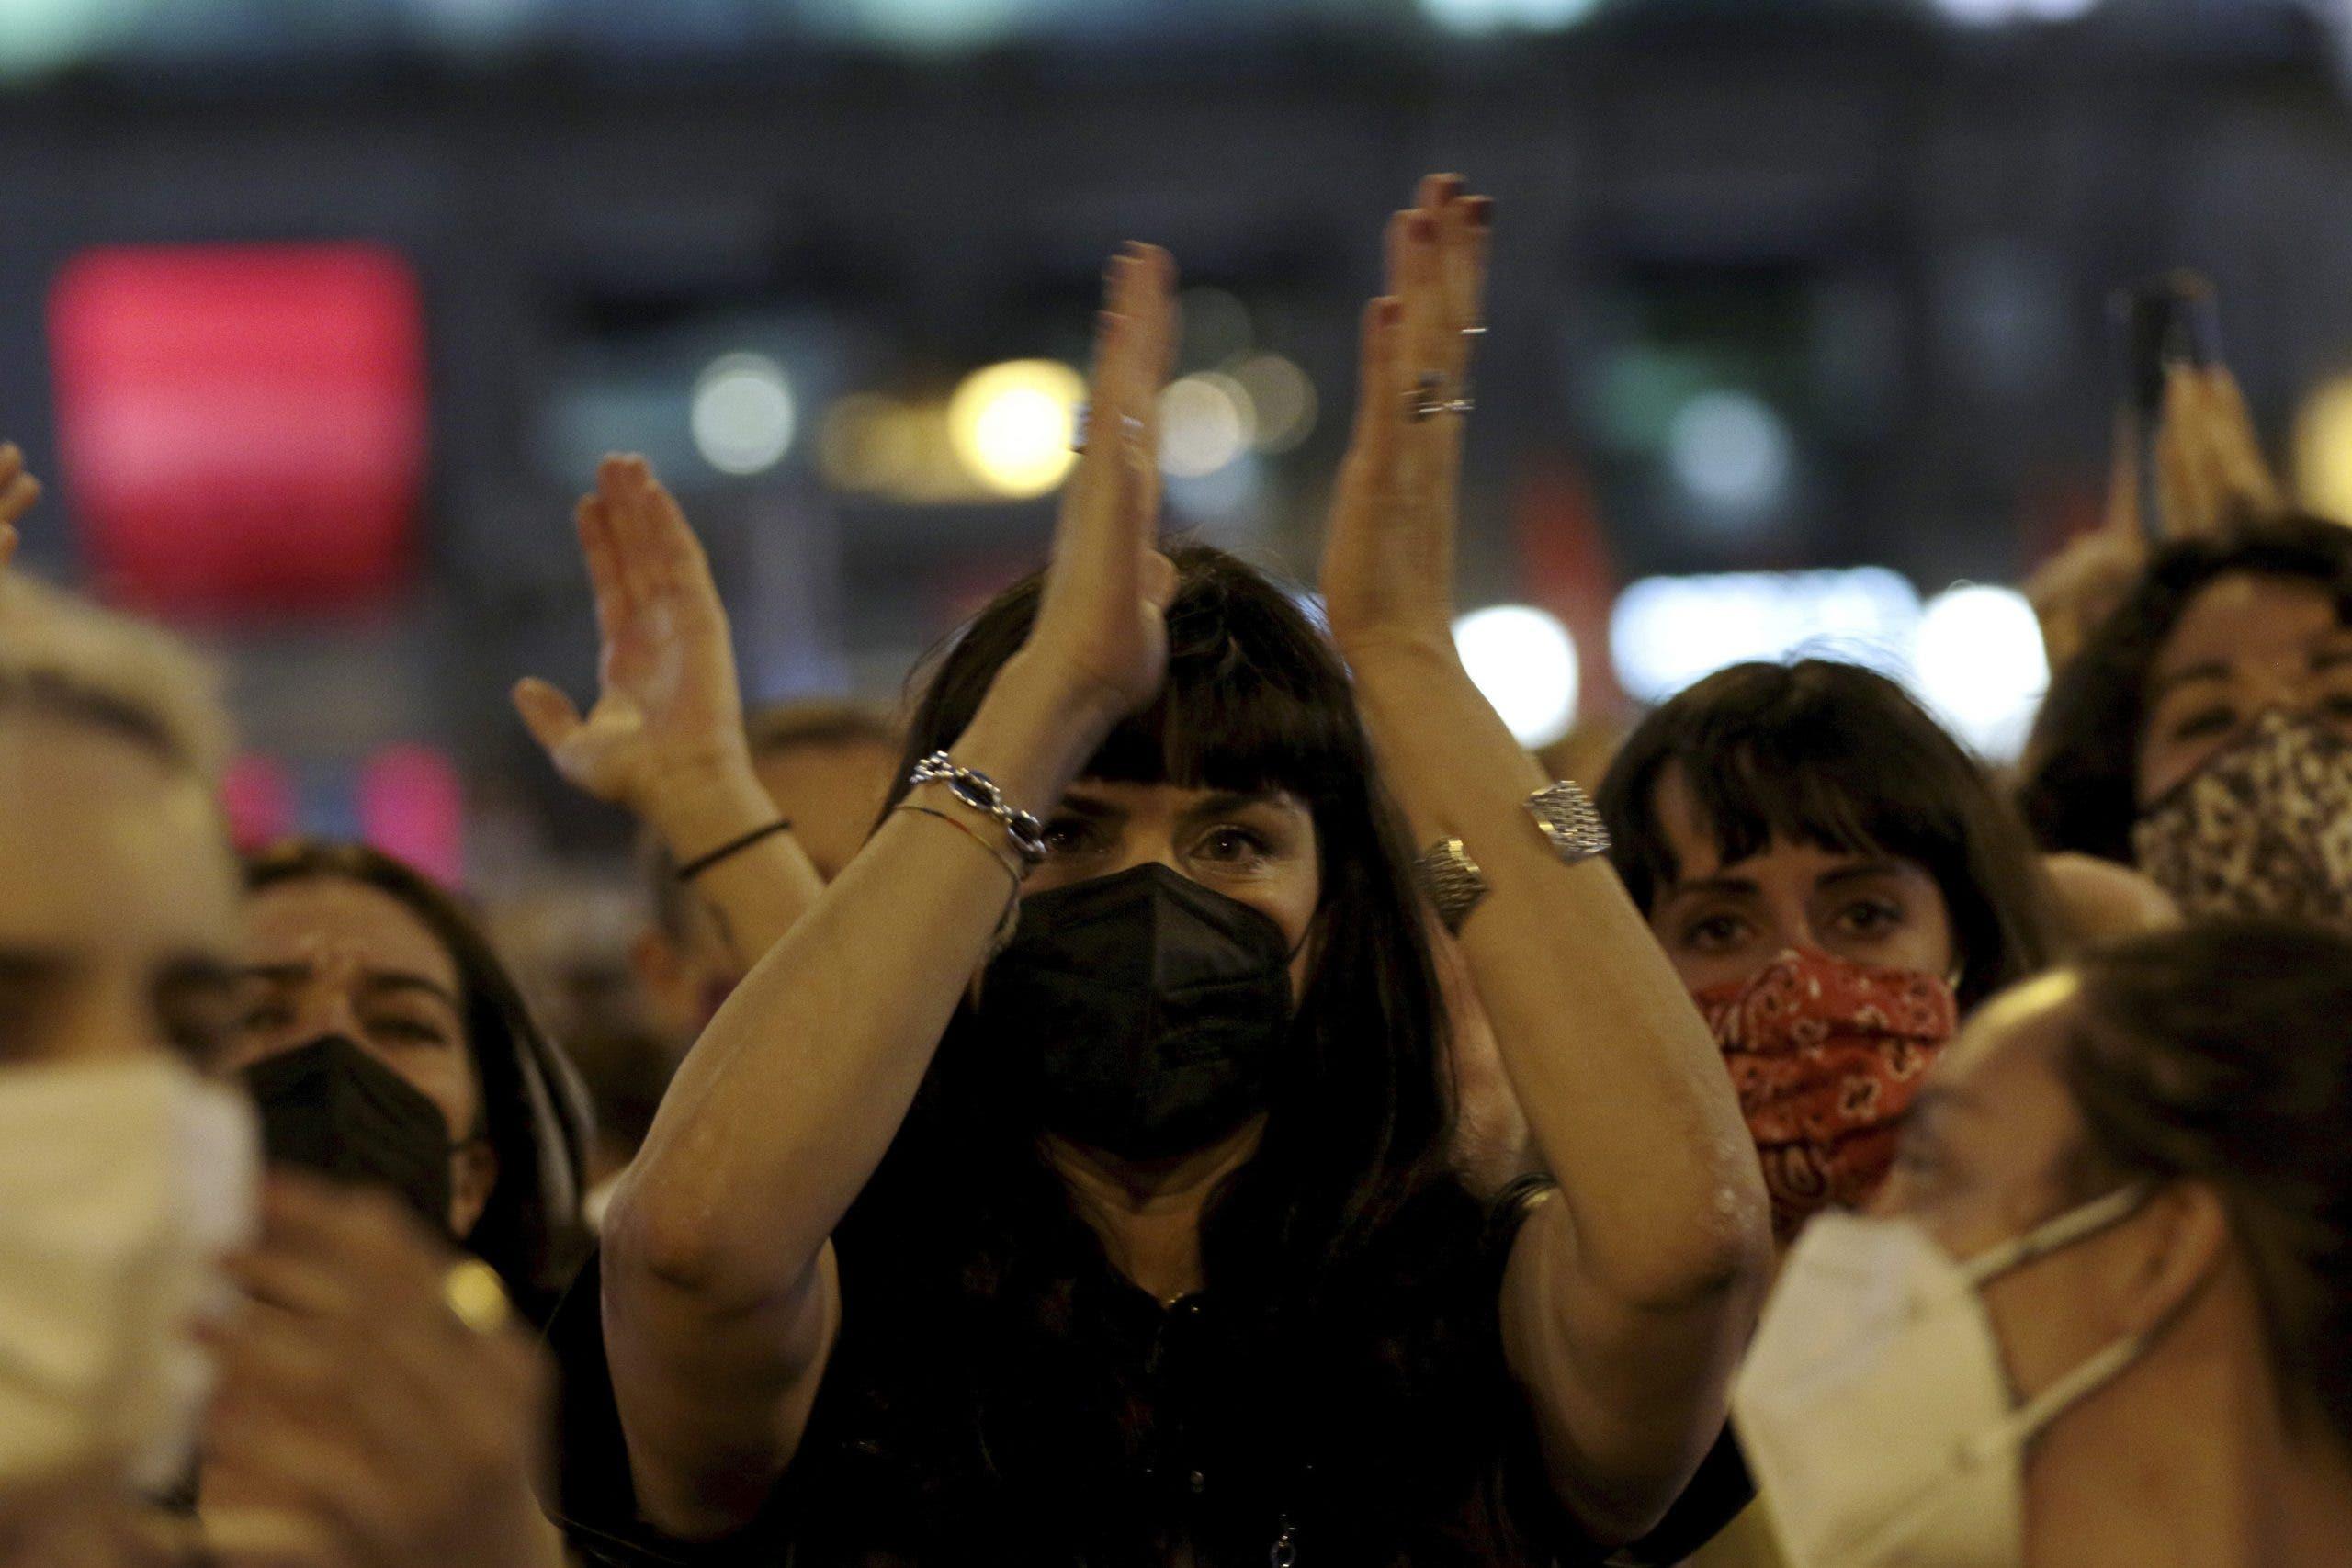 Feminist march against gender violence